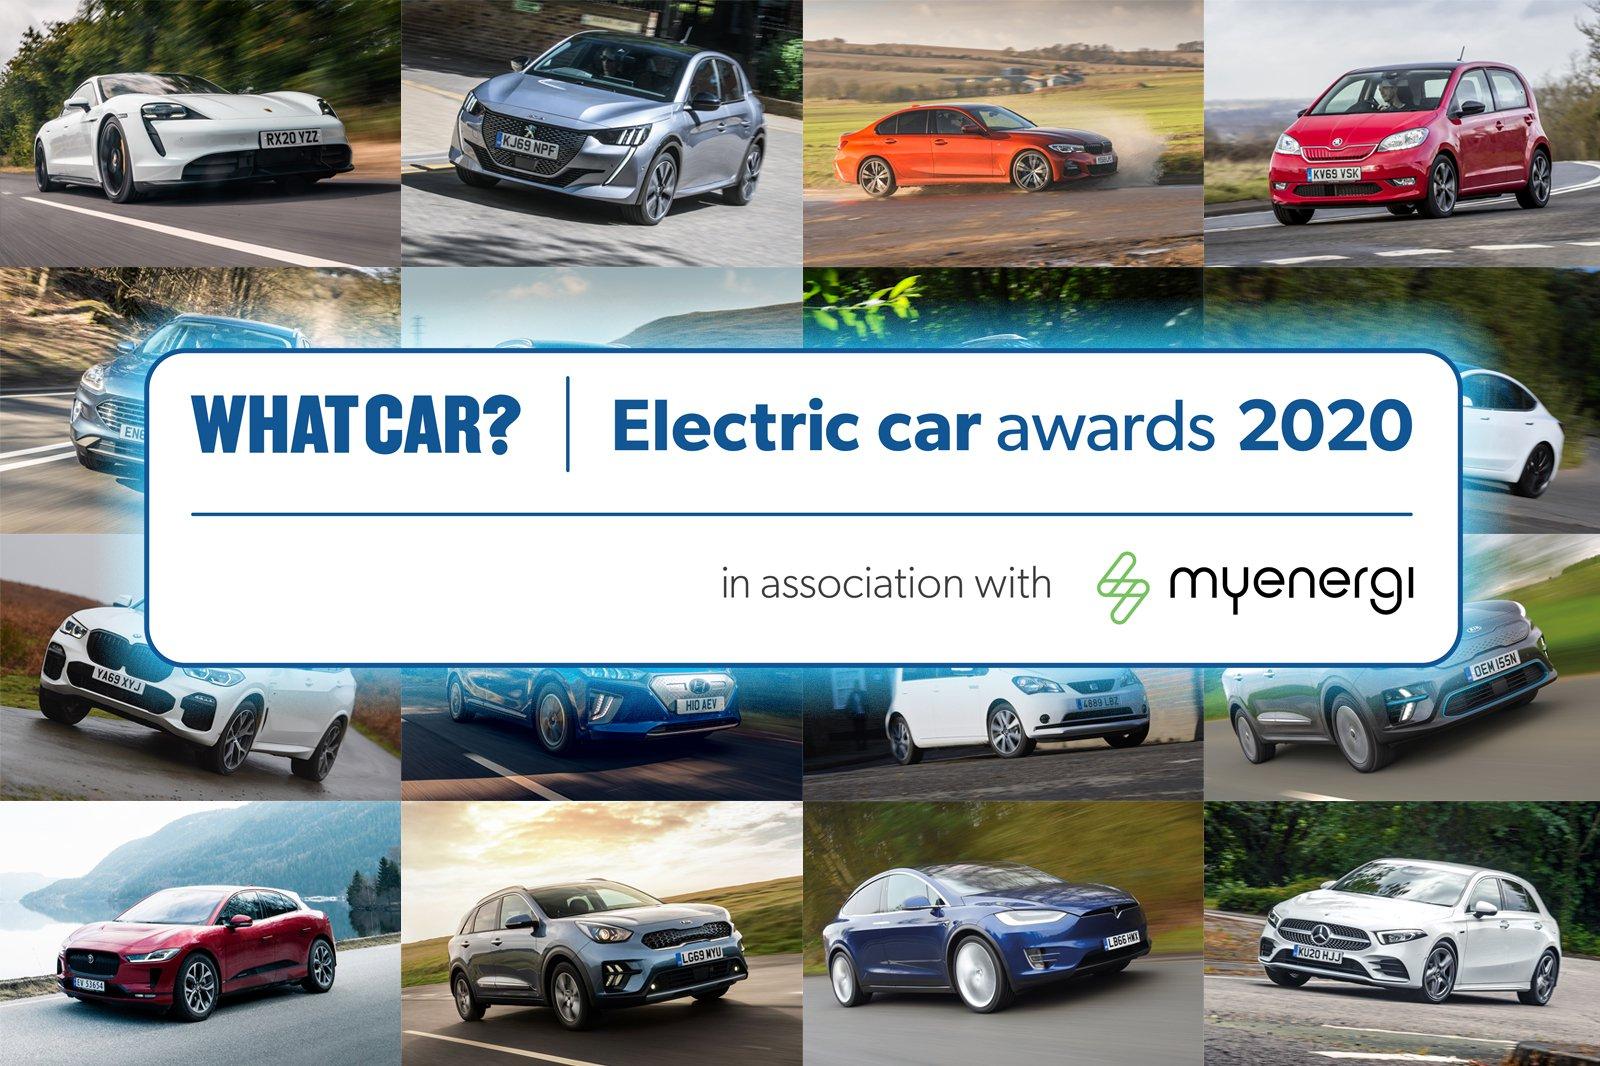 Electric Car Awards logo